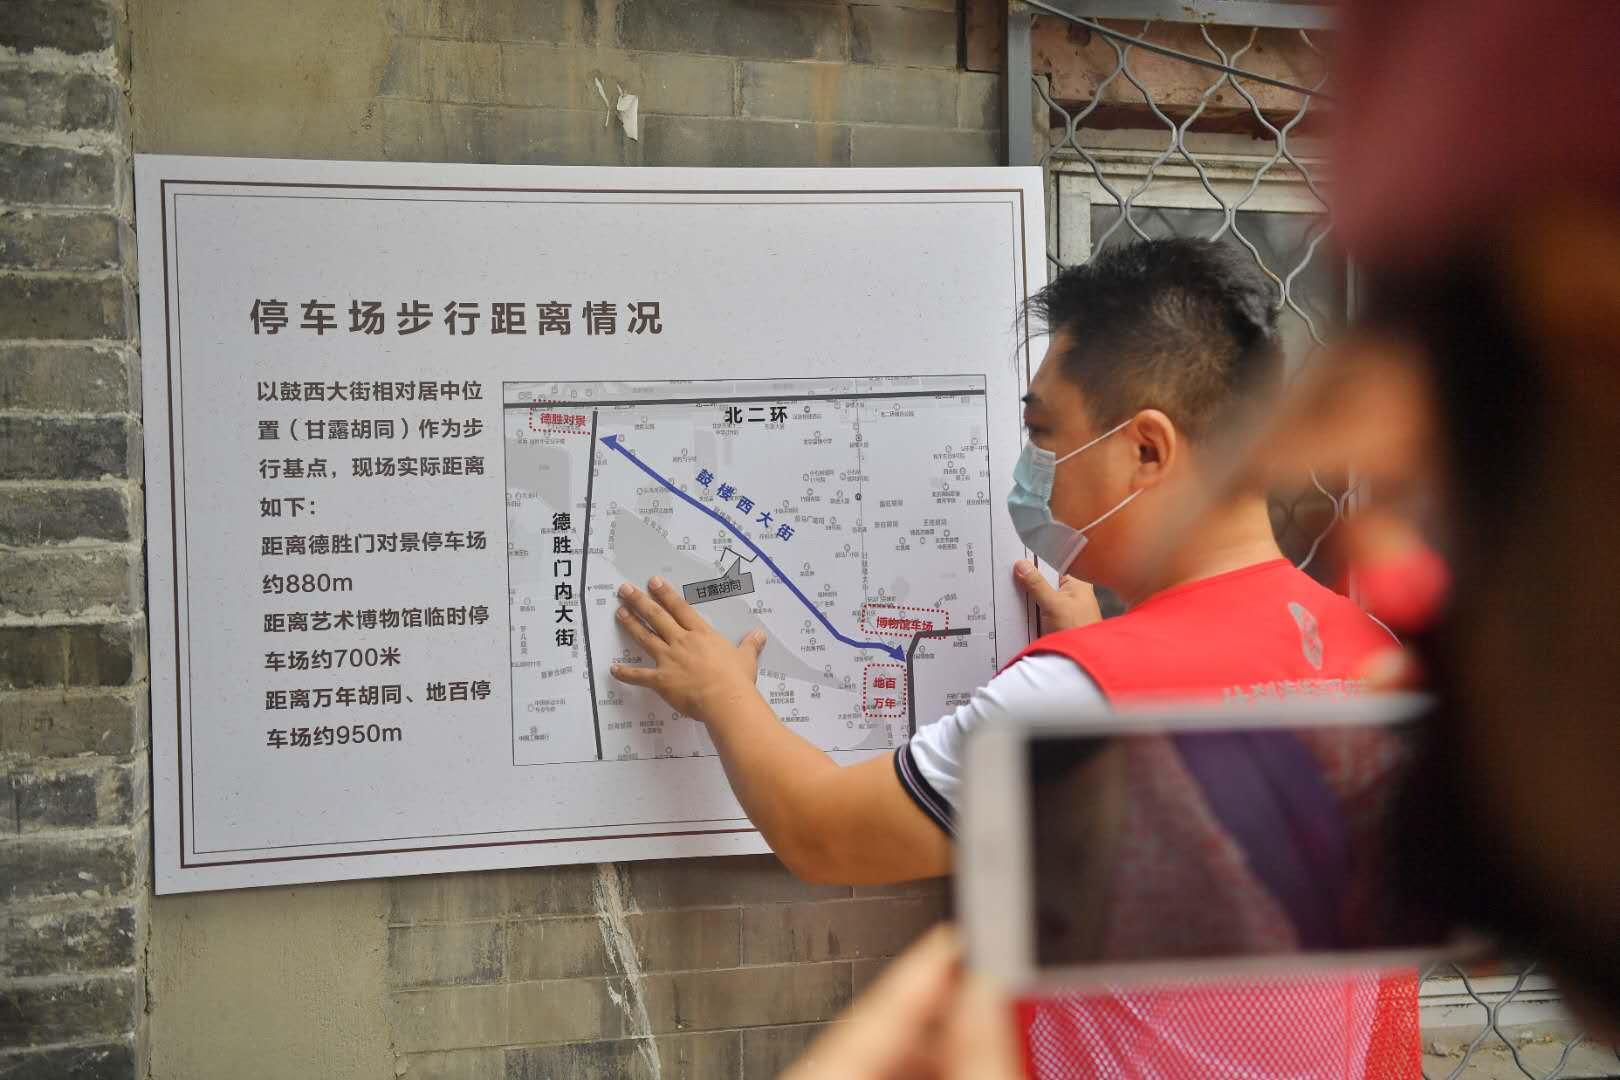 鼓楼西大街9月15日起全面禁止违章停放机动车